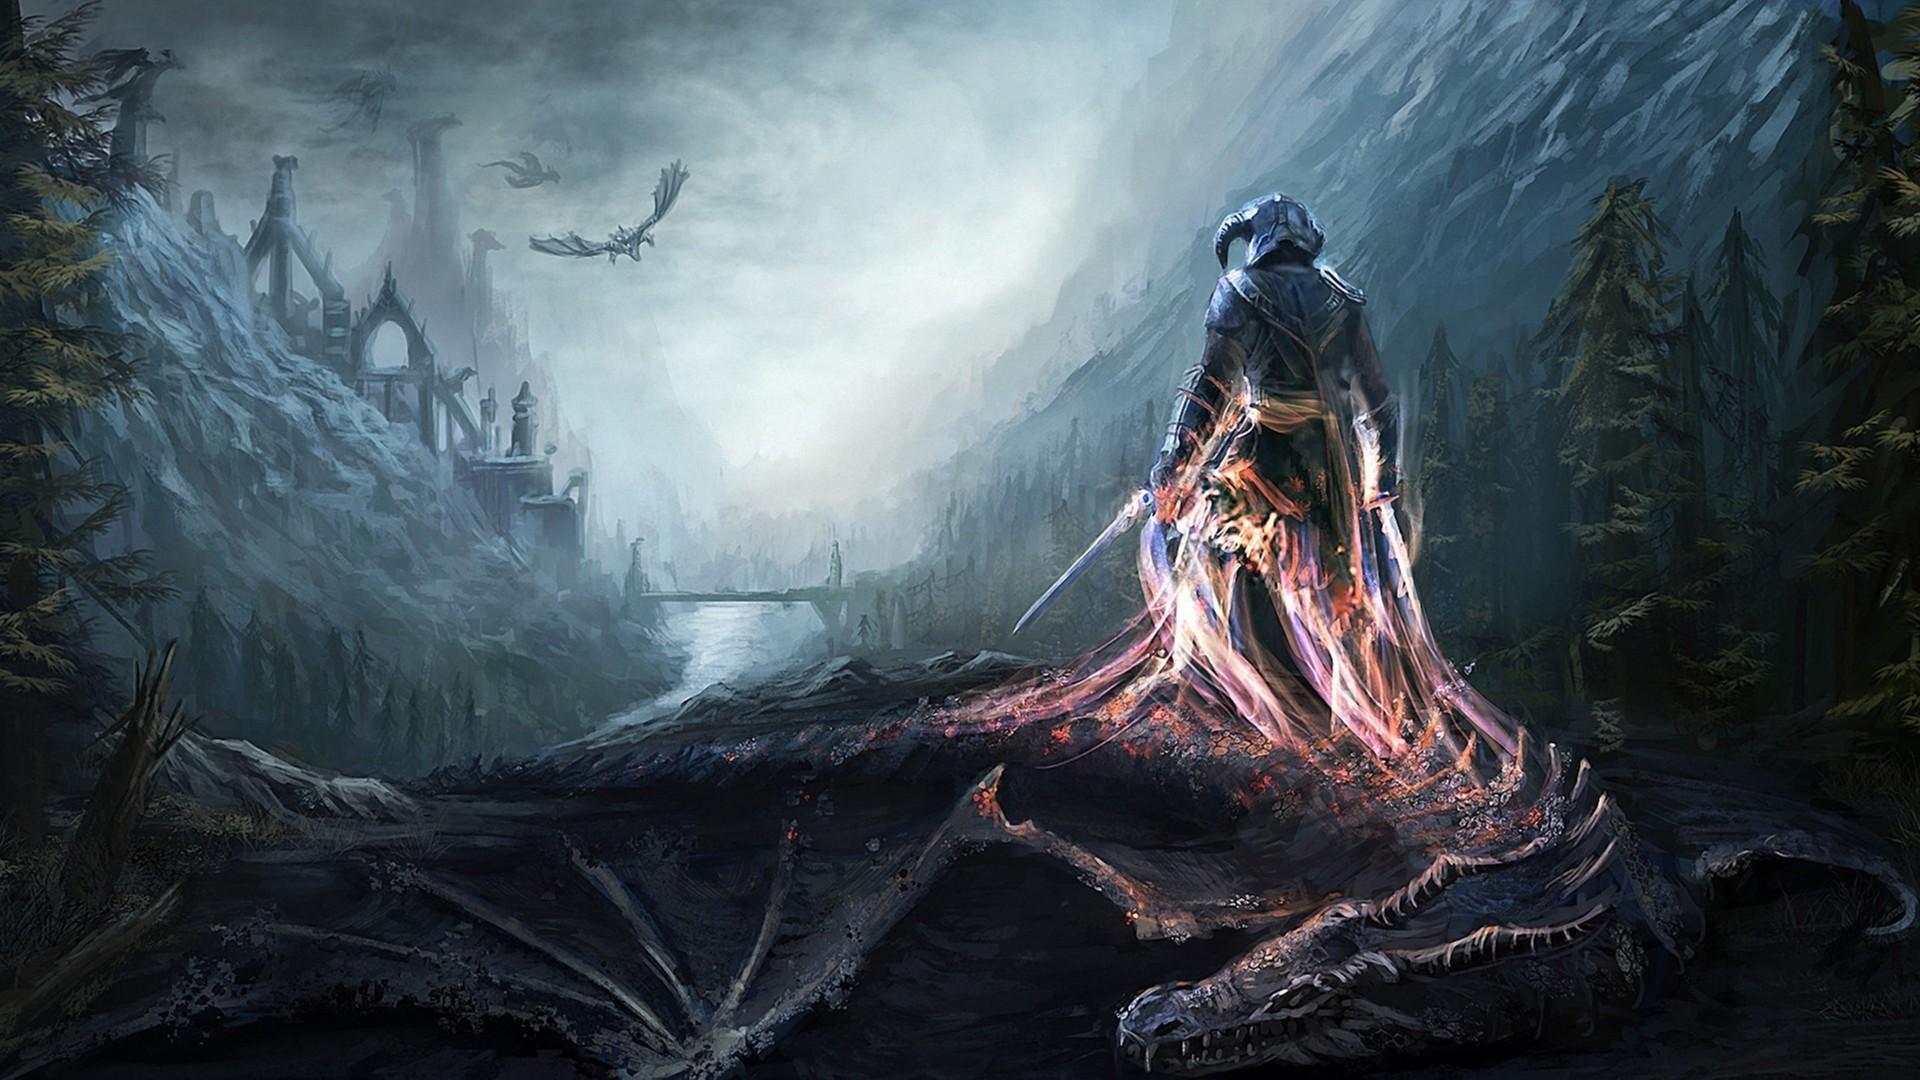 Композитор Skyrim не работает над музыкой для The Elder Scrolls 6